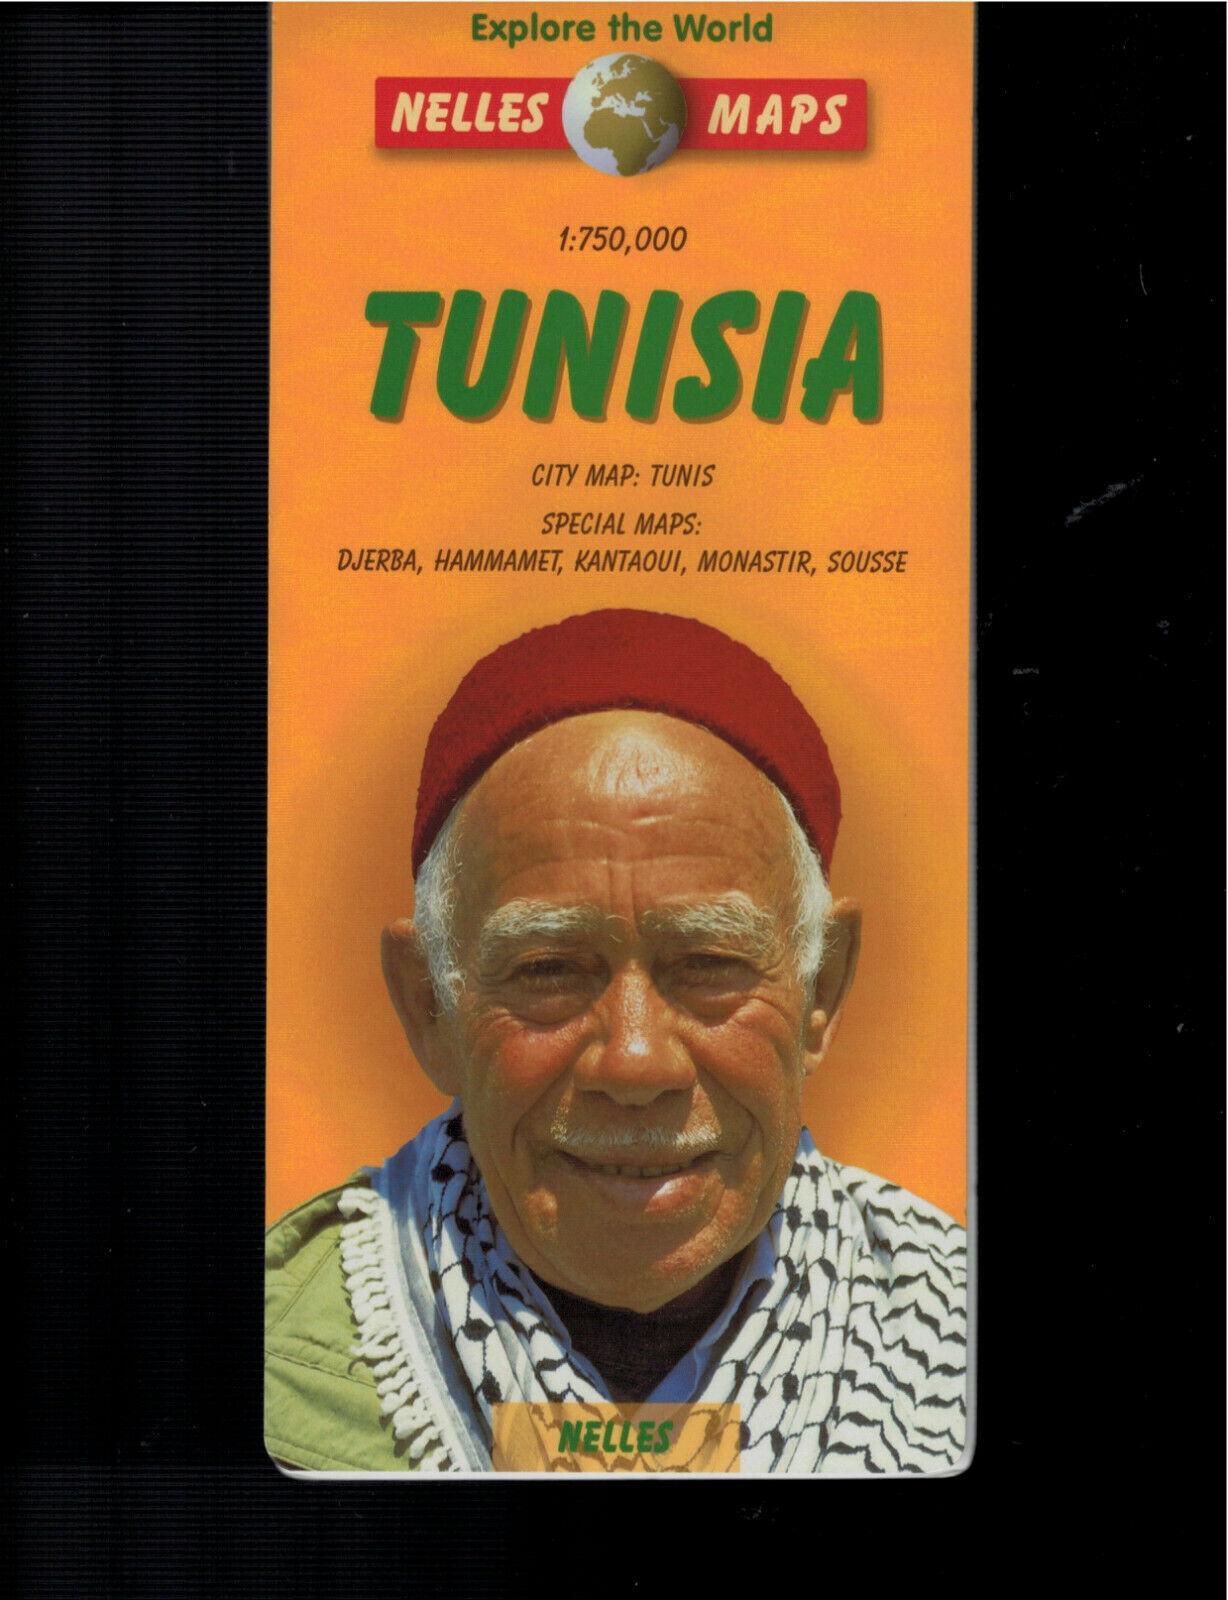 TUNISIA NELLES MAPS - $3.00